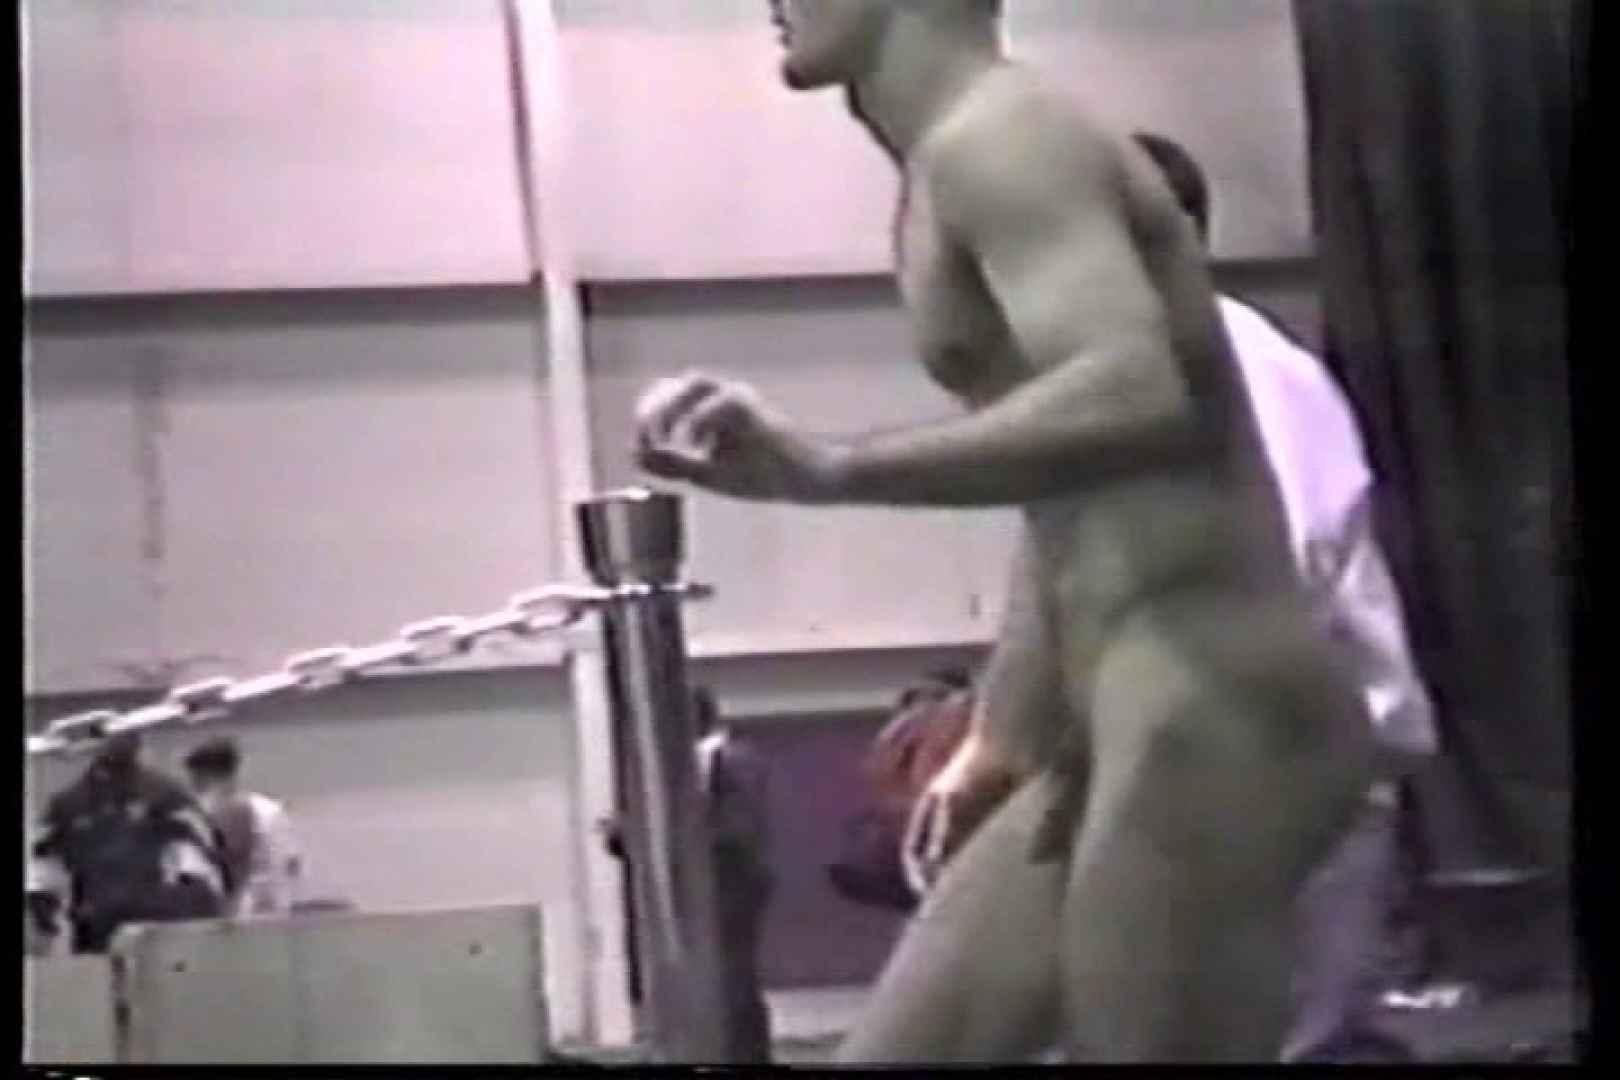 ゲイザーメン動画|洋人さんの脱衣所を覗いてみました。VOL.5|覗き